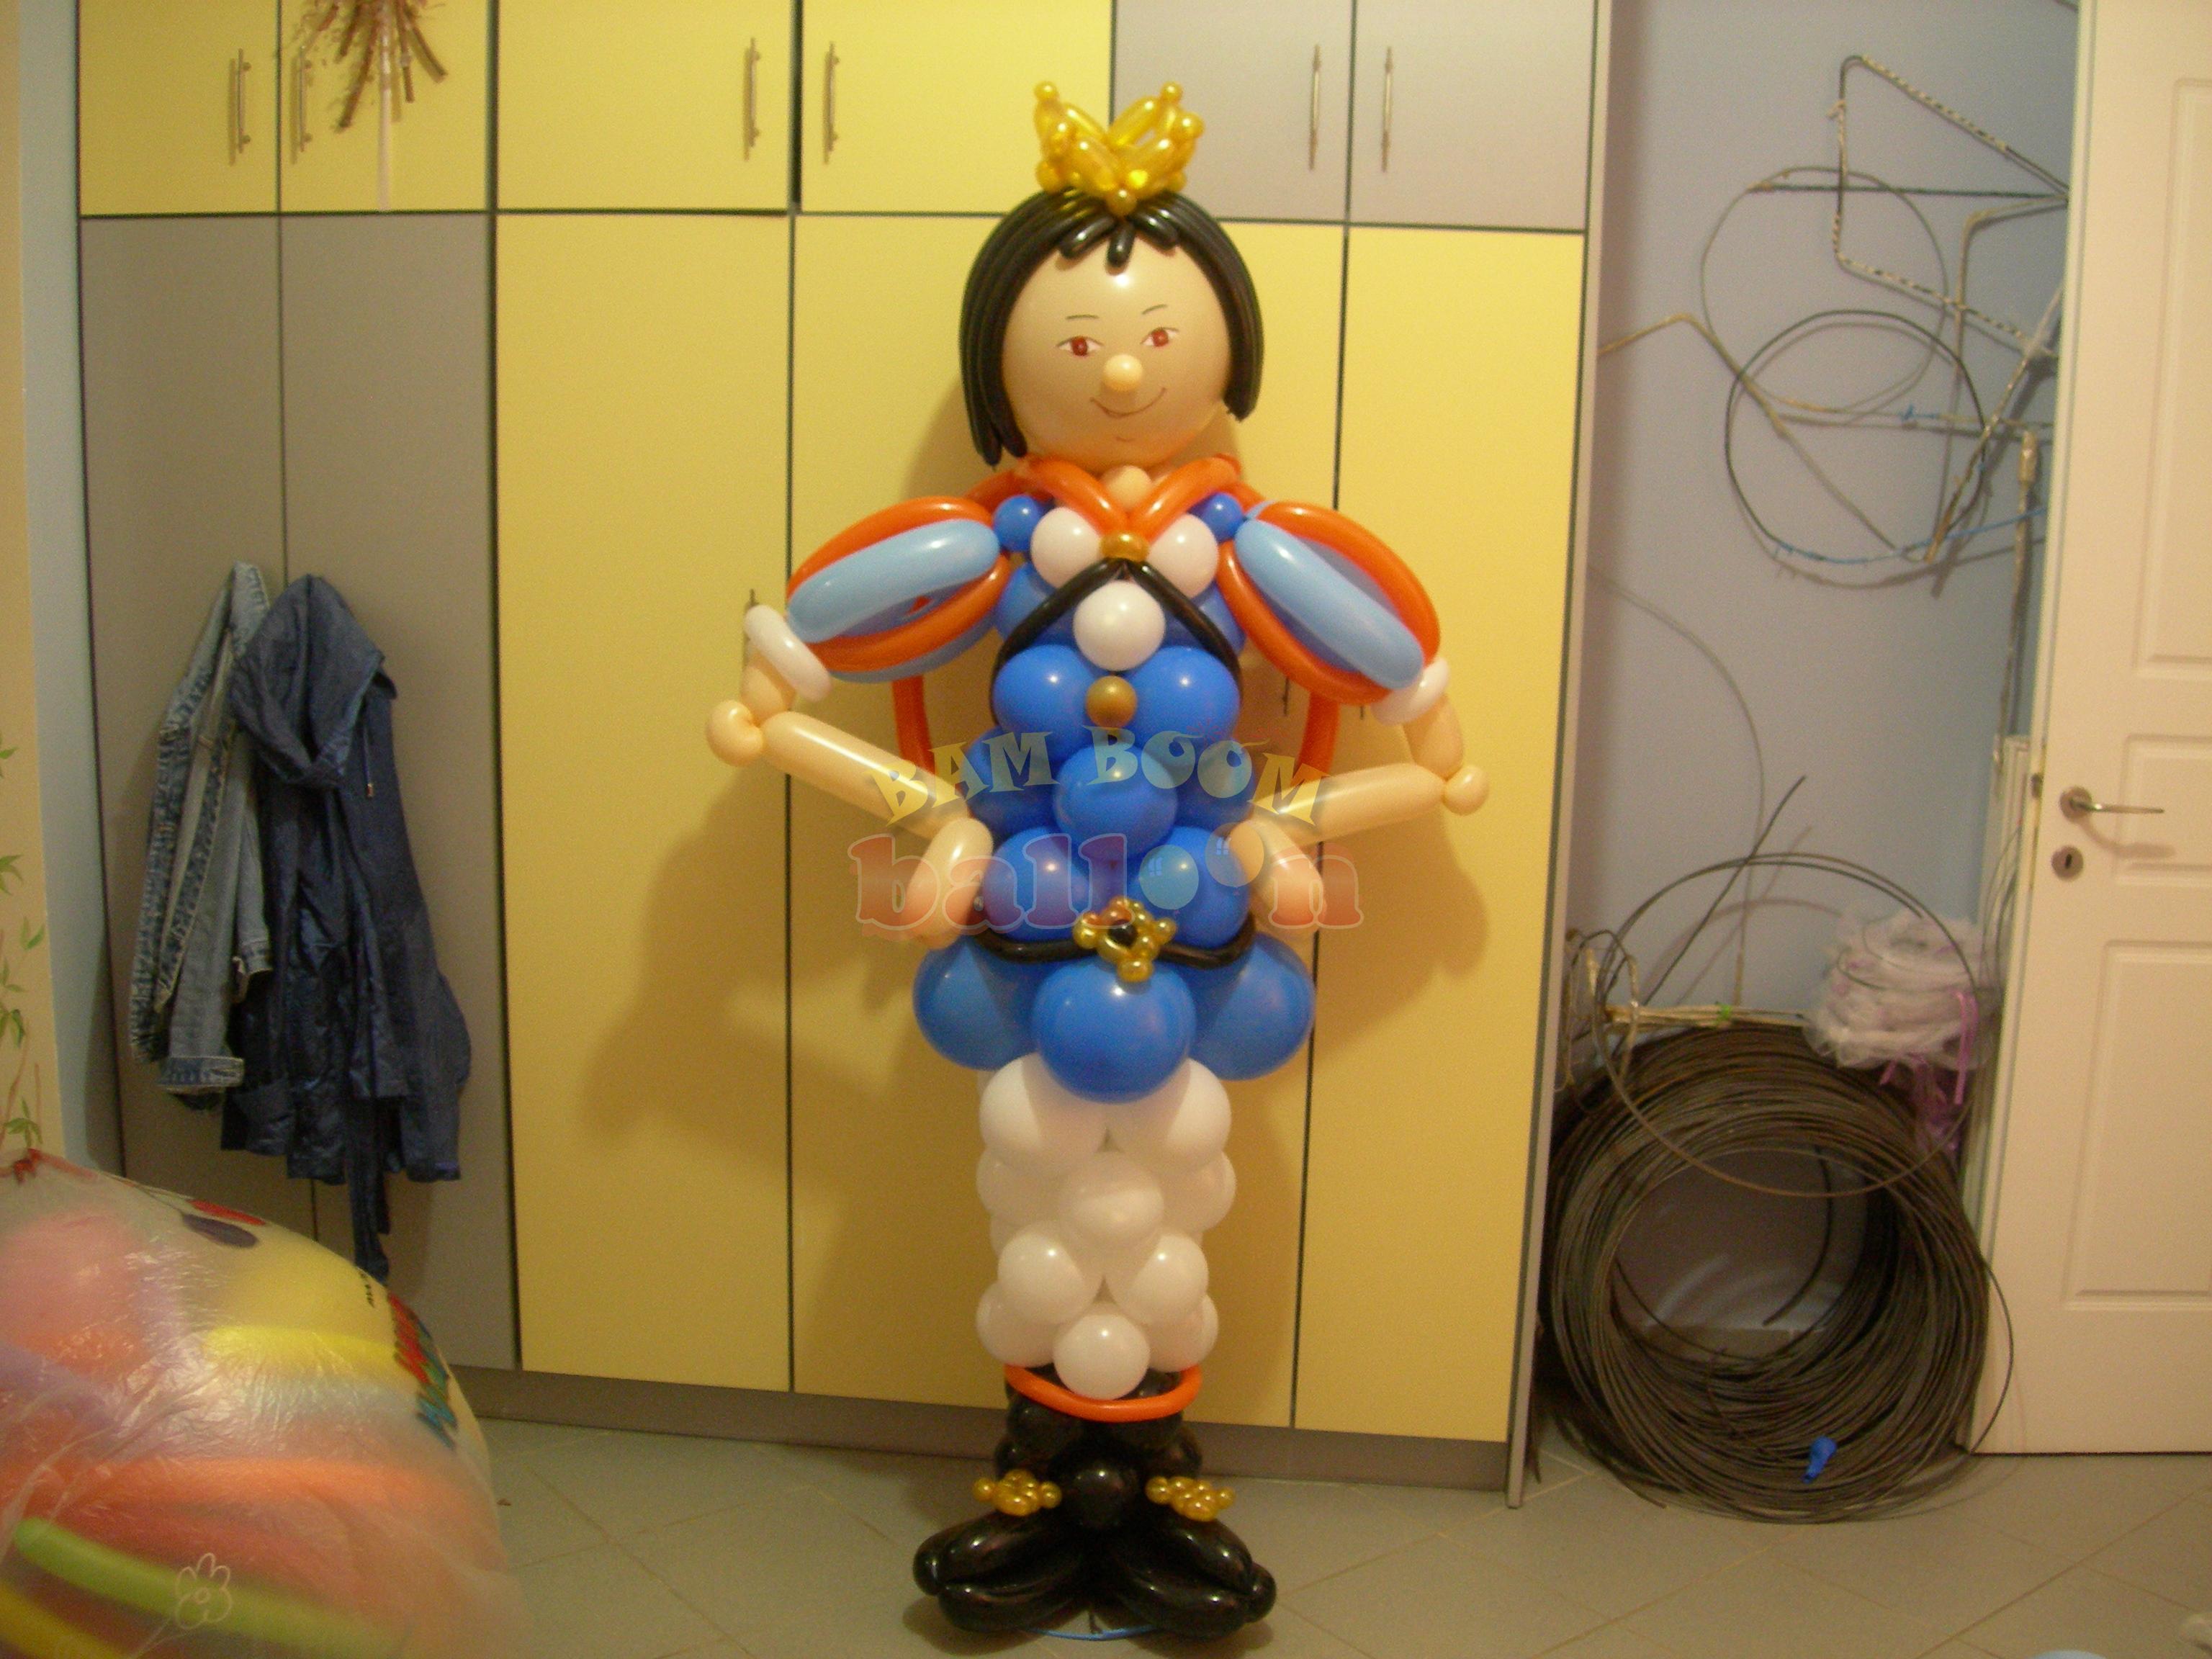 Μικρός πρίγκηπας με μπαλόνια